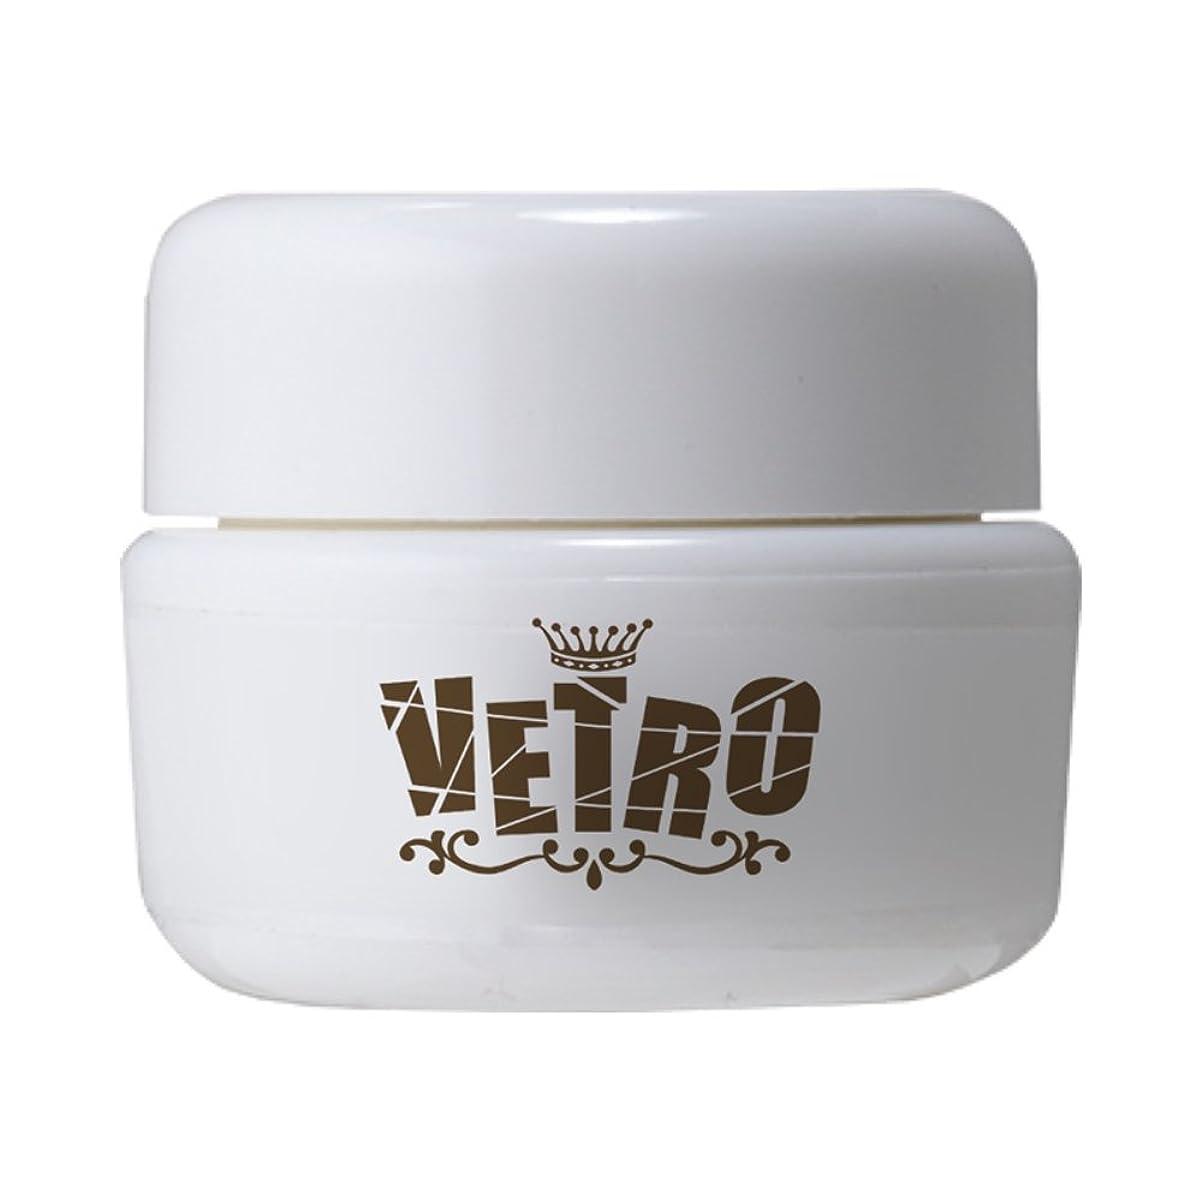 リビングルーム拍手加害者VETRO No.19 カラージェル グリッター VL076 サンバ 4ml